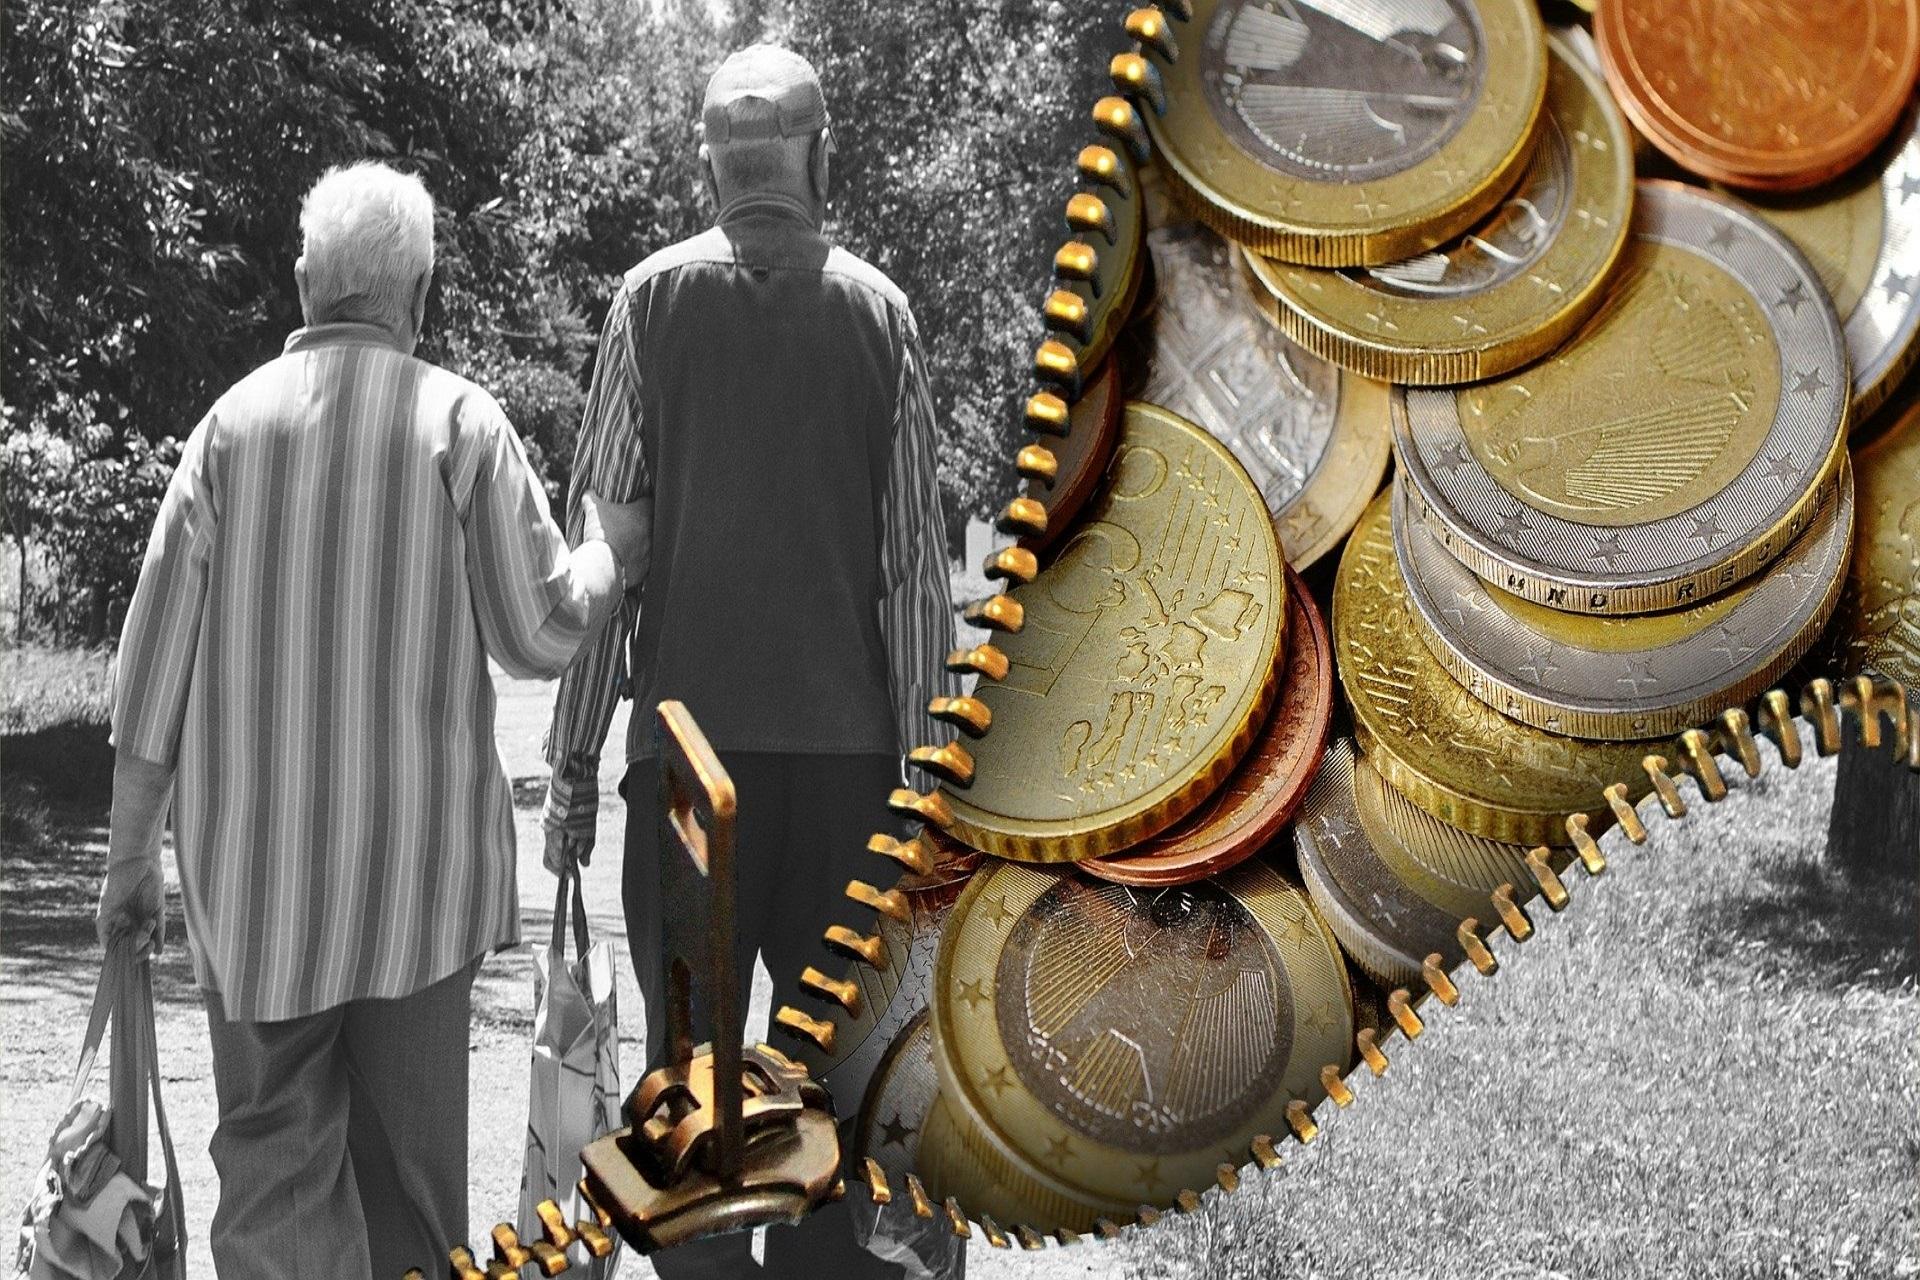 La pensión compensatoria, ¿se extingue por la muerte del obligado?